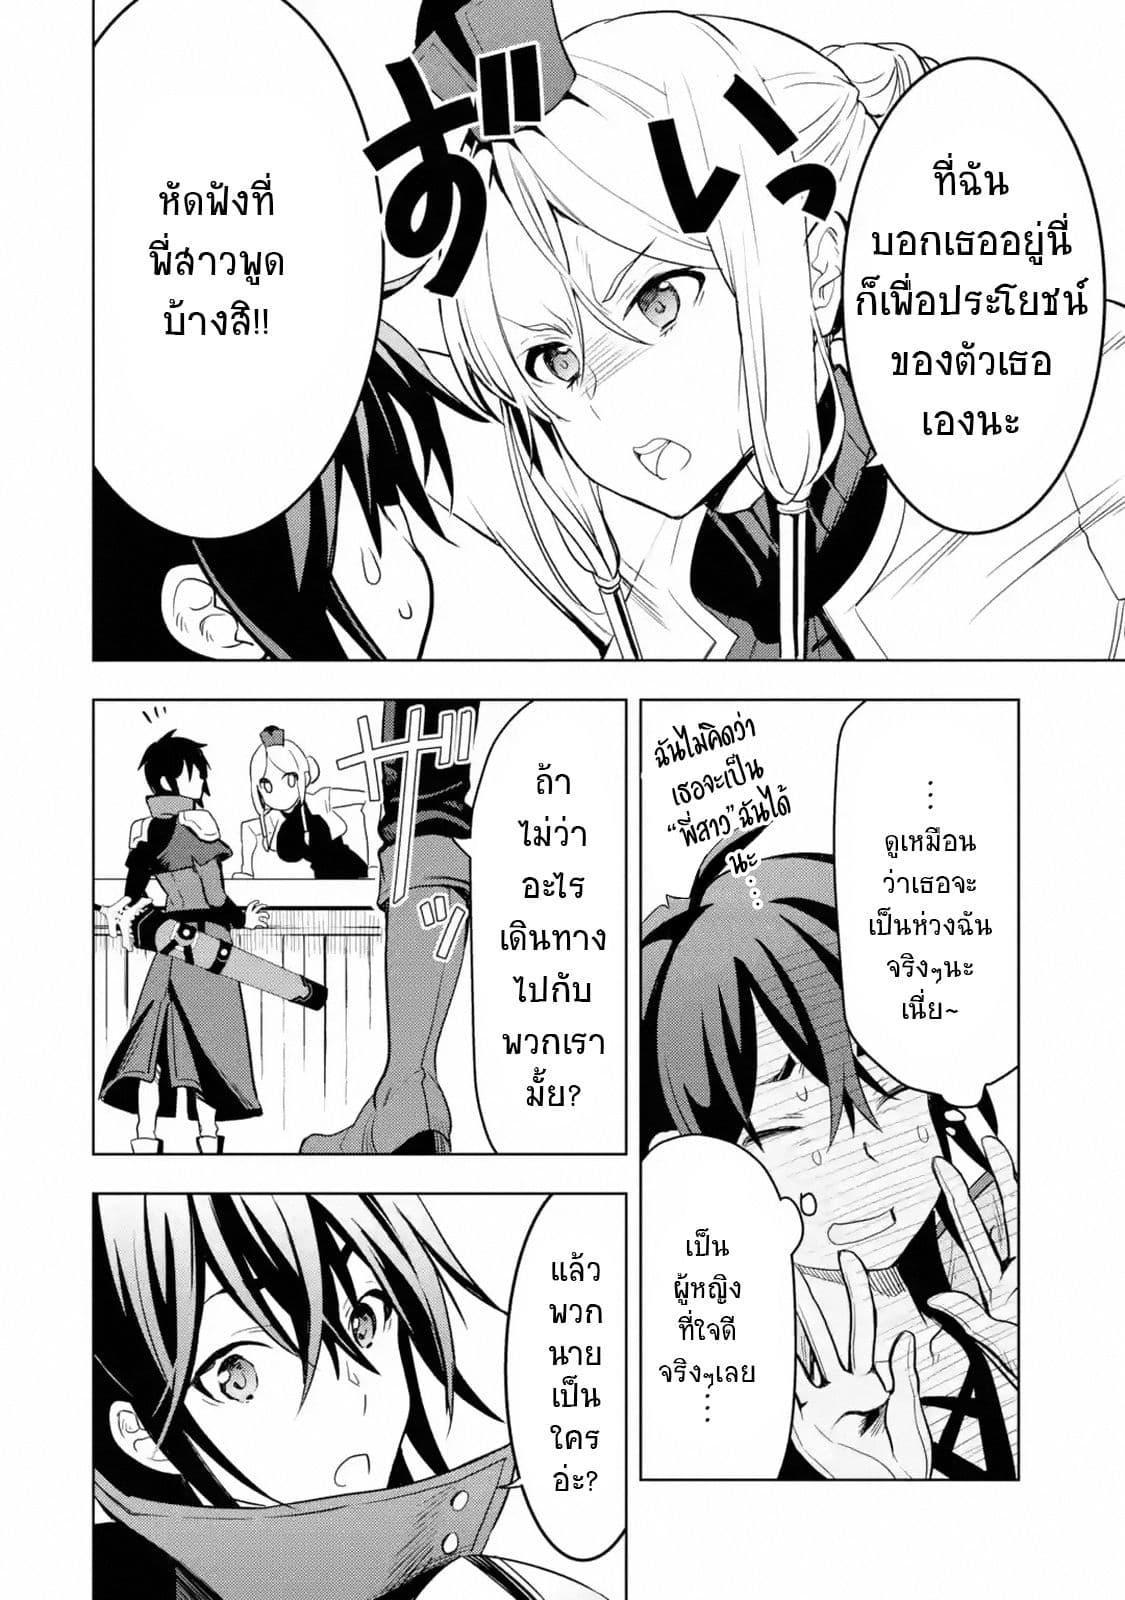 อ่านการ์ตูน Koko wa Ore ni Makasete Saki ni Ike to Itte kara 10 Nen ga Tattara Densetsu ni Natteita ตอนที่ 2 หน้าที่ 13